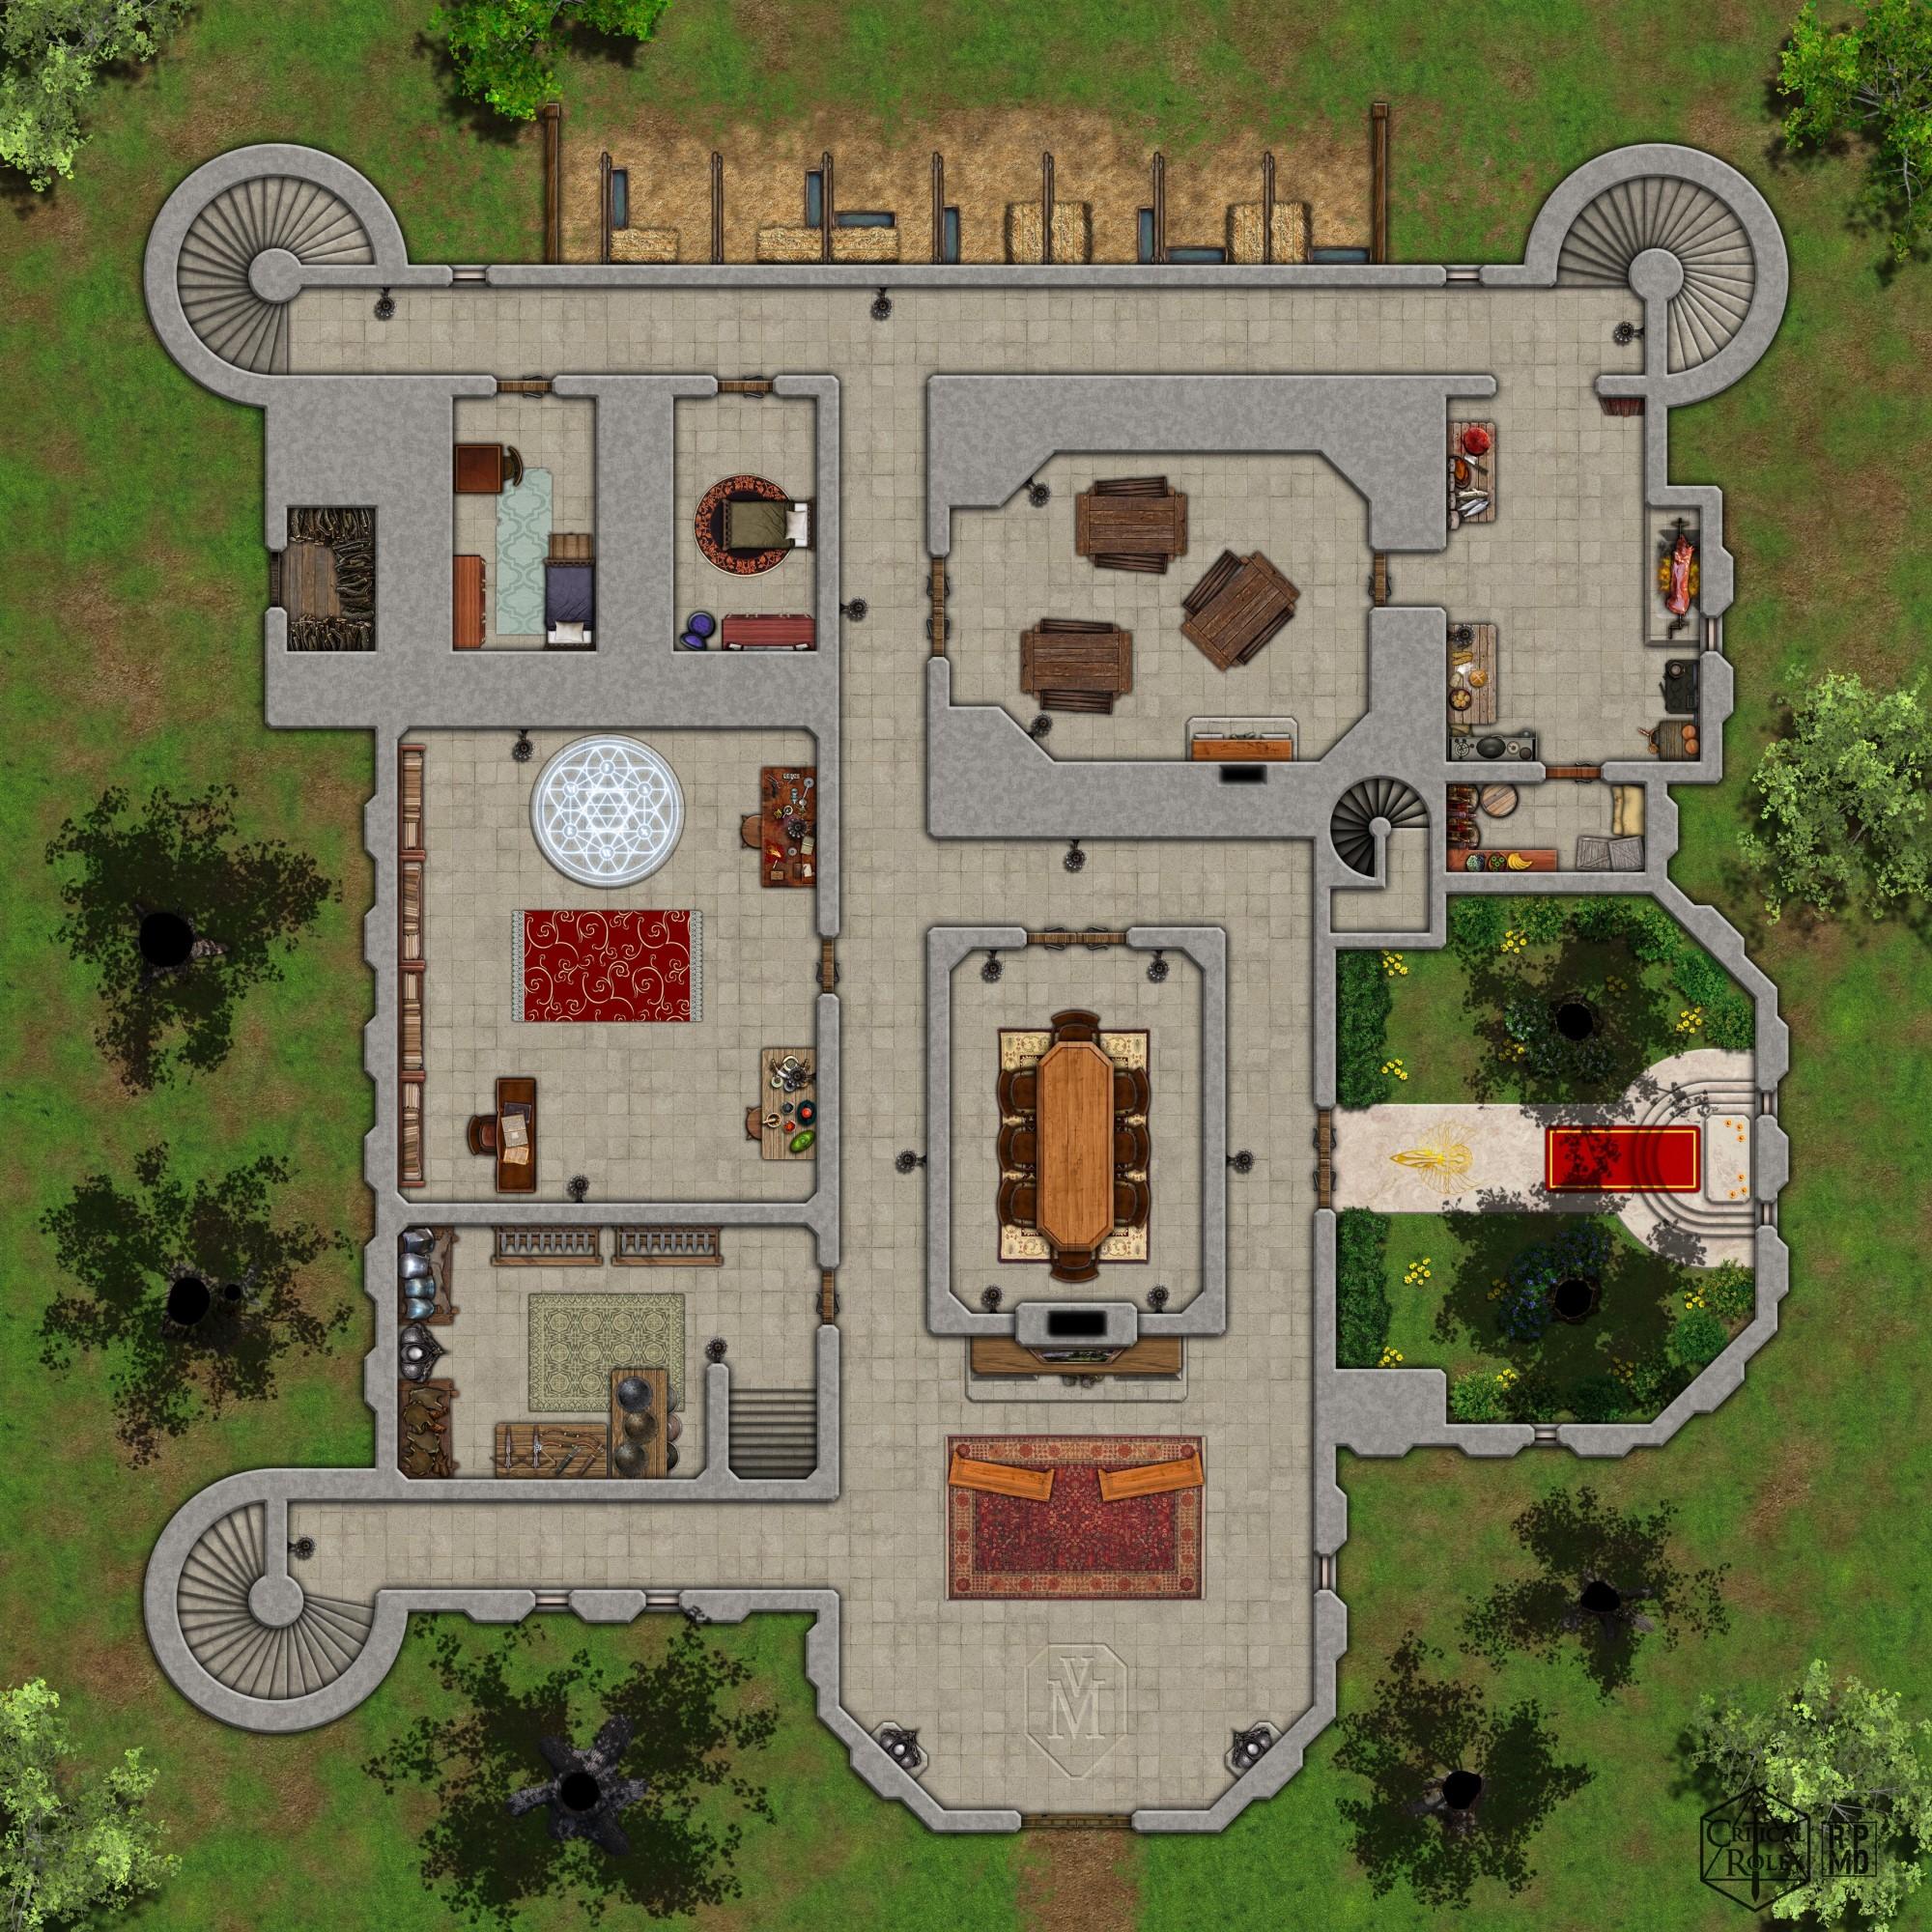 greyskull_keep___1st_floor_by_ronpeppermd_db04s9v-fullview.jpg